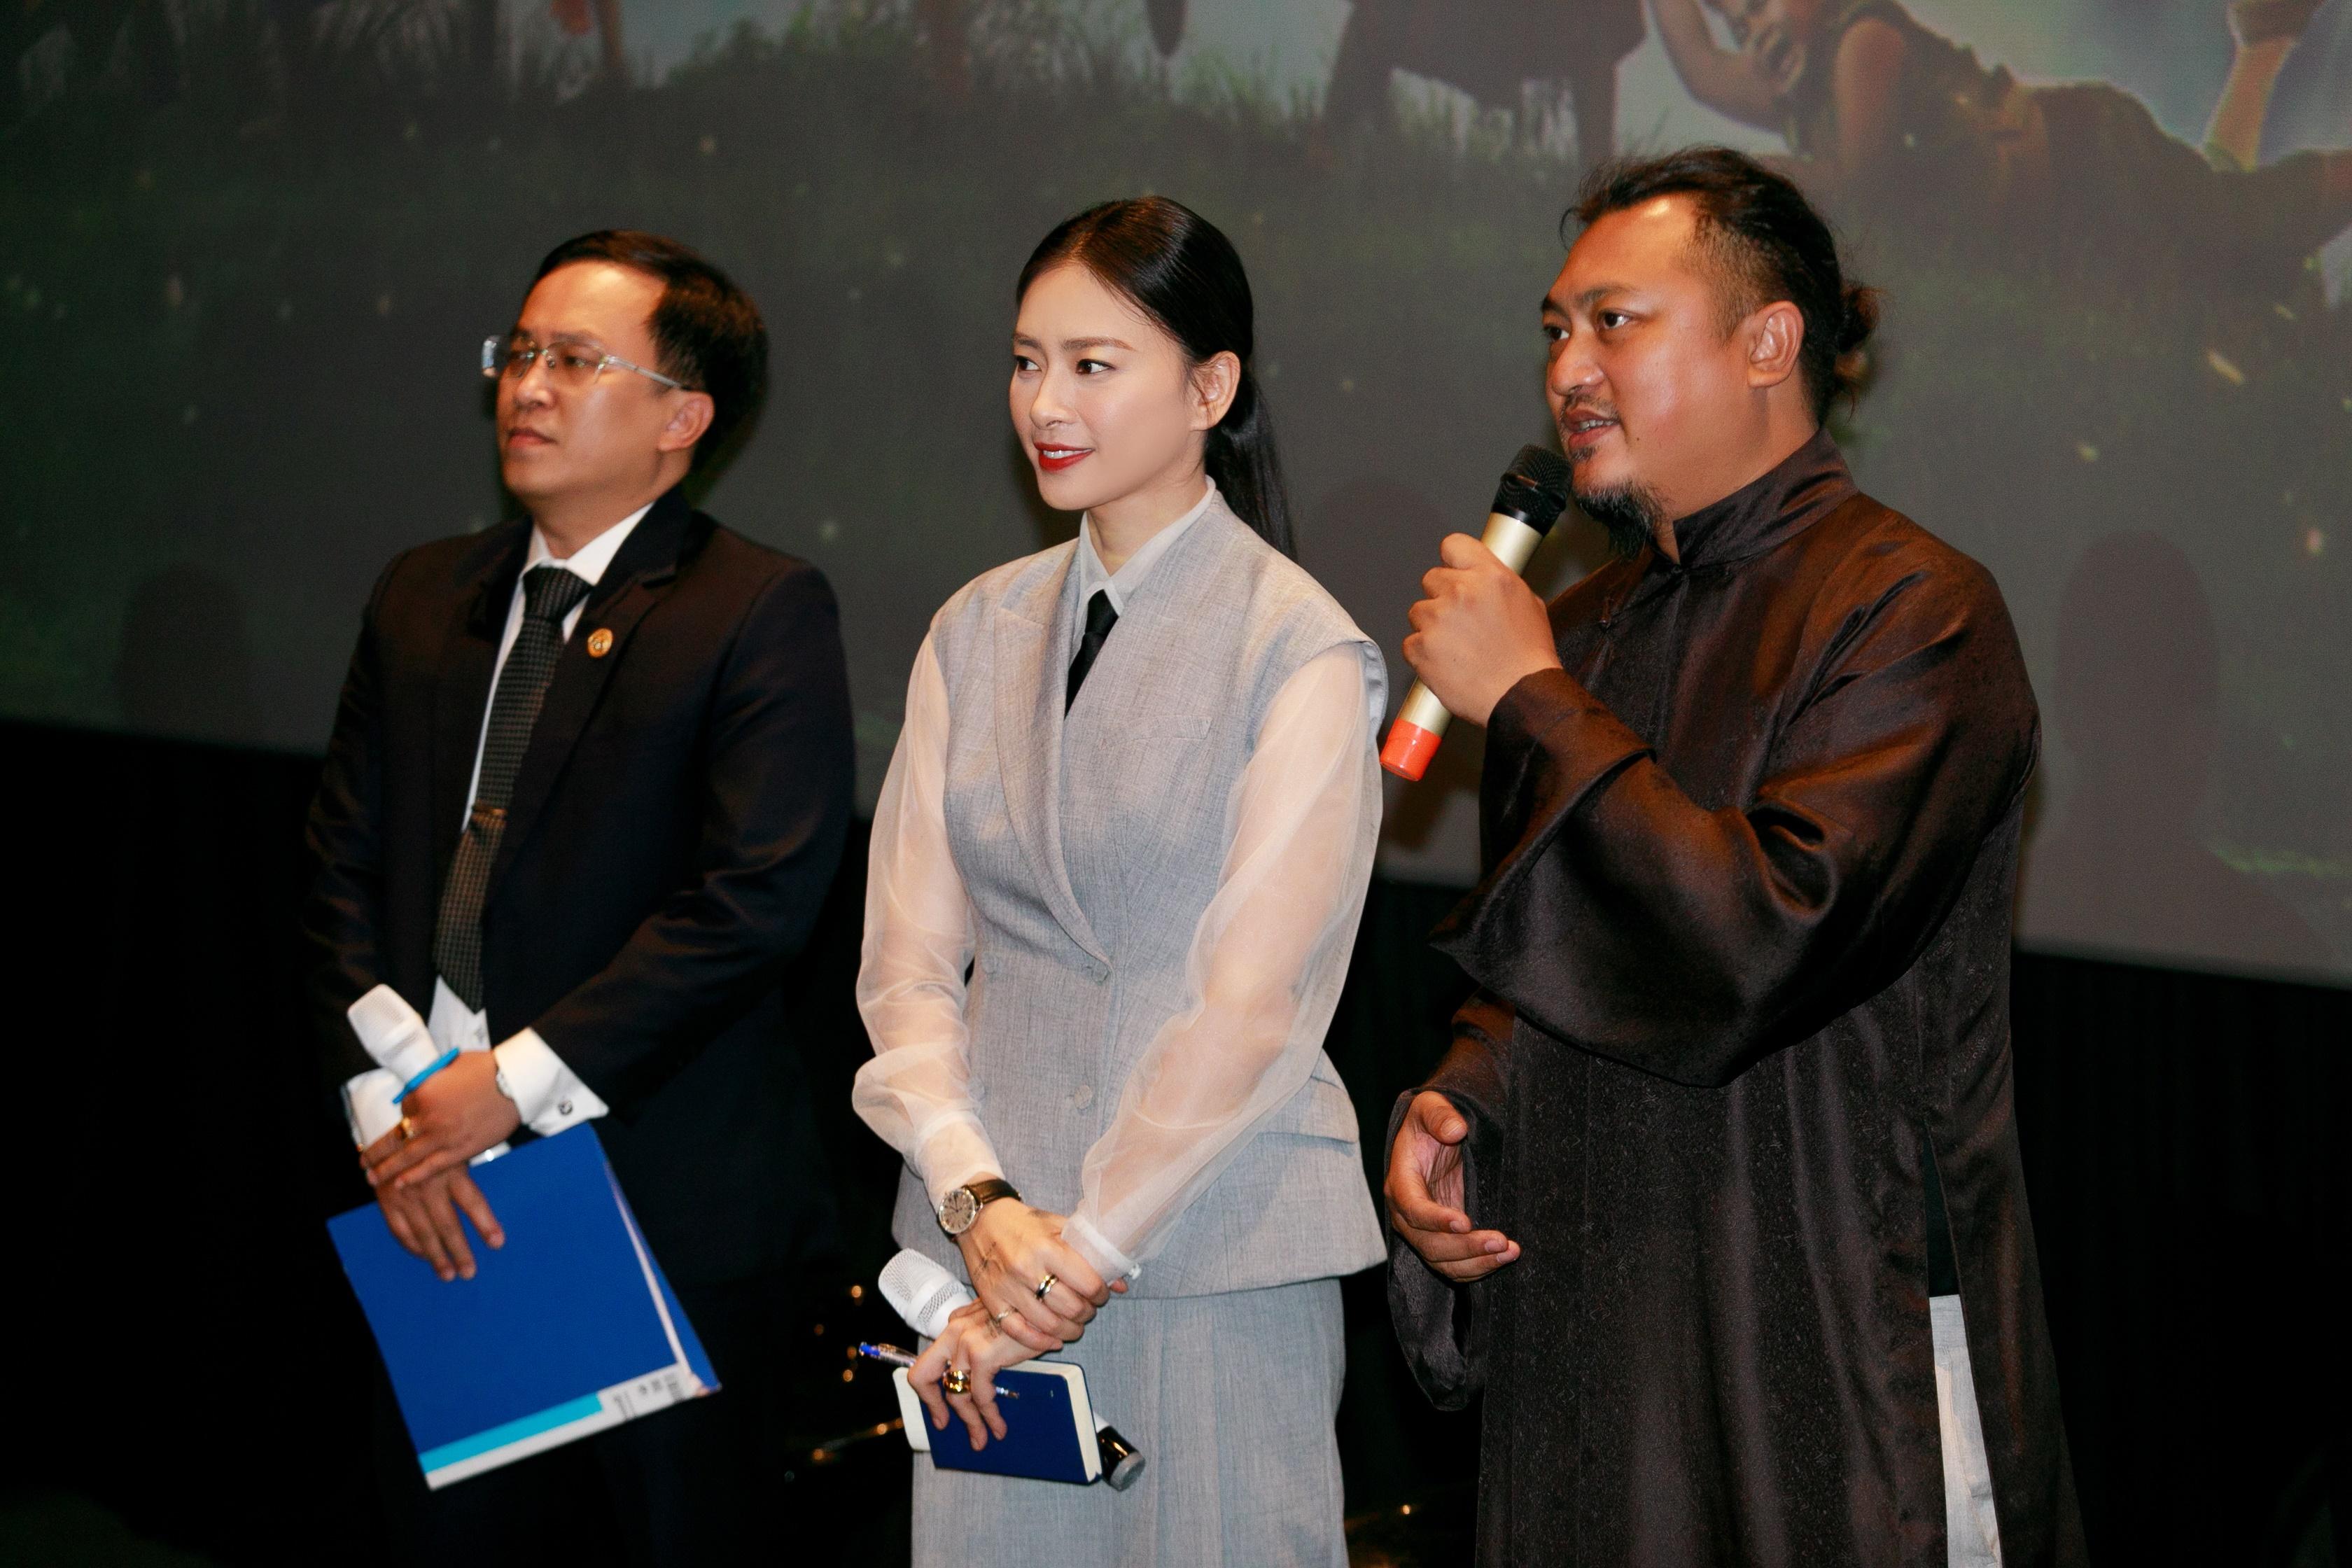 Ngô Thanh Vân đã gặp mặt họa sĩ Lê Linh 4 lần để thương thuyết - Sài Gòn  Choice